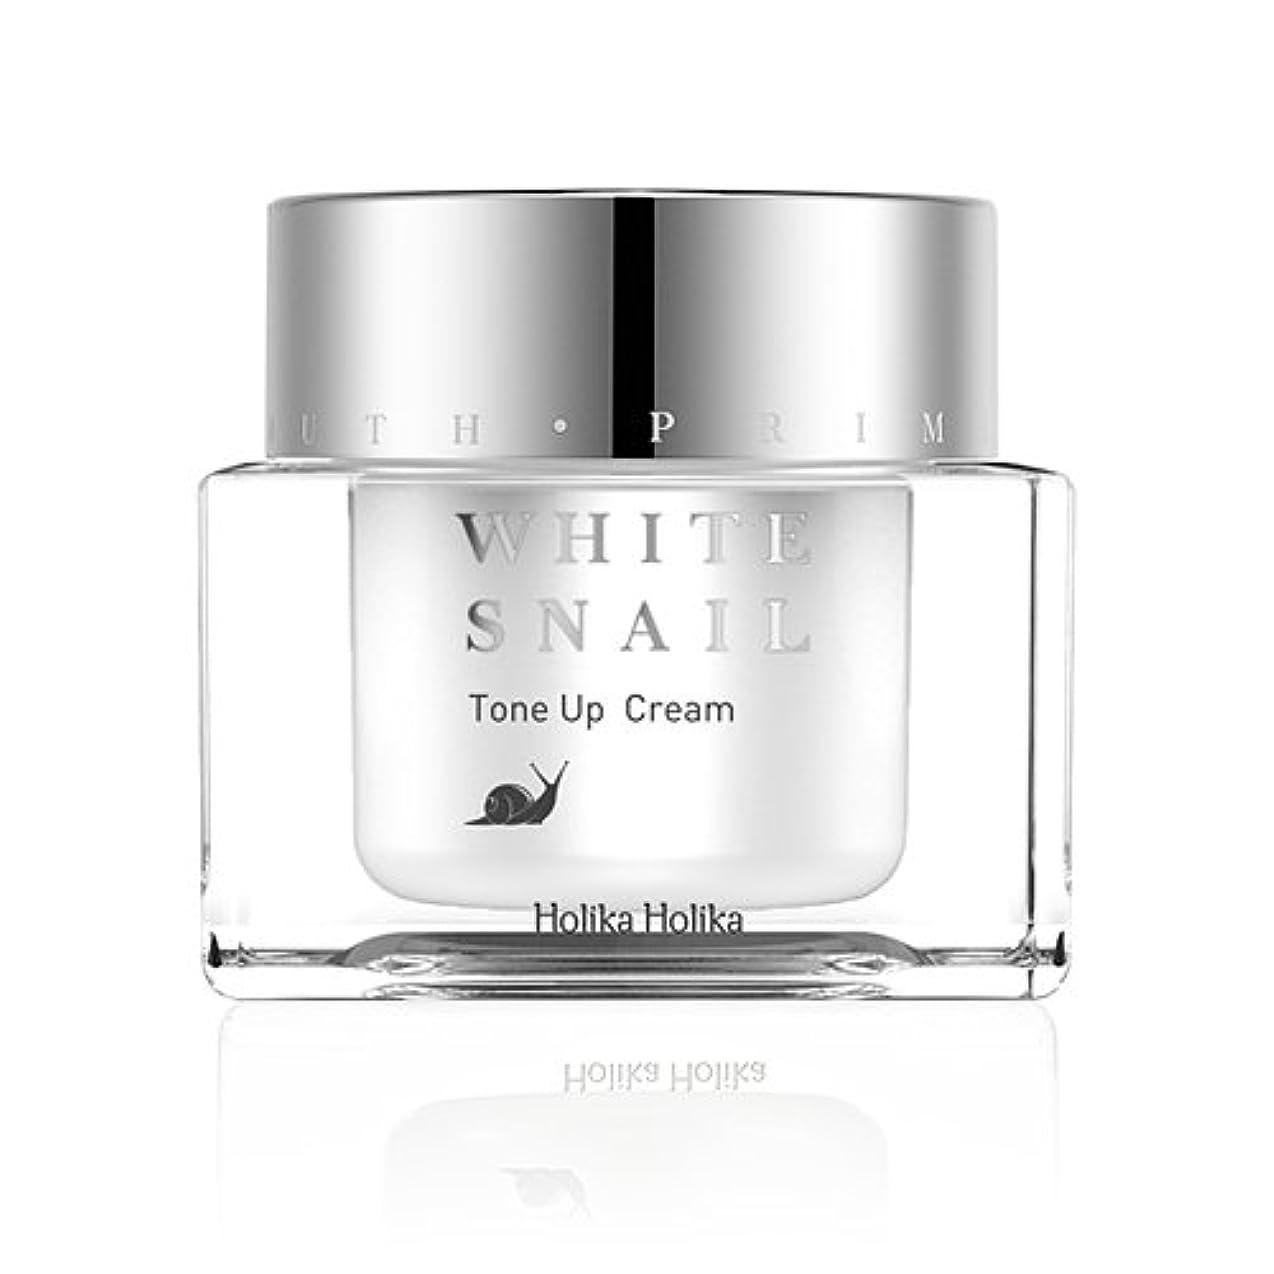 行う論理的角度HolikaHolika(ホリカホリカ) Prime Youth White Snail Tone-Up Cream プライムユースホワイトスネイルトーンアップクリーム カタツムリ エスカルゴ [並行輸入品]